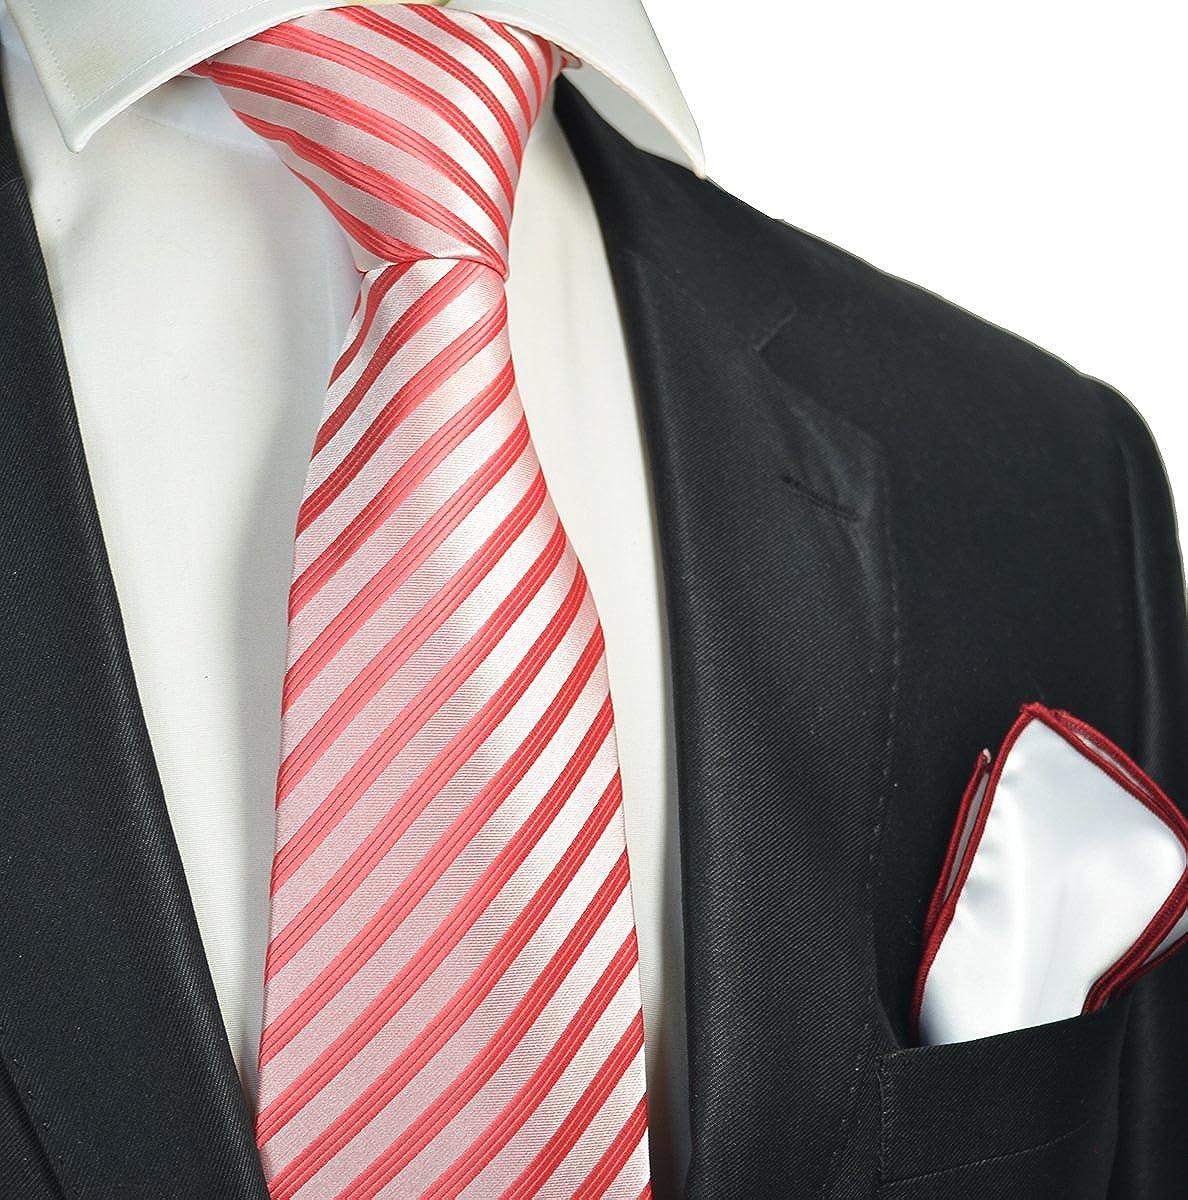 Amazon.com: Rojo juego de corbata de hombre con contraste ...